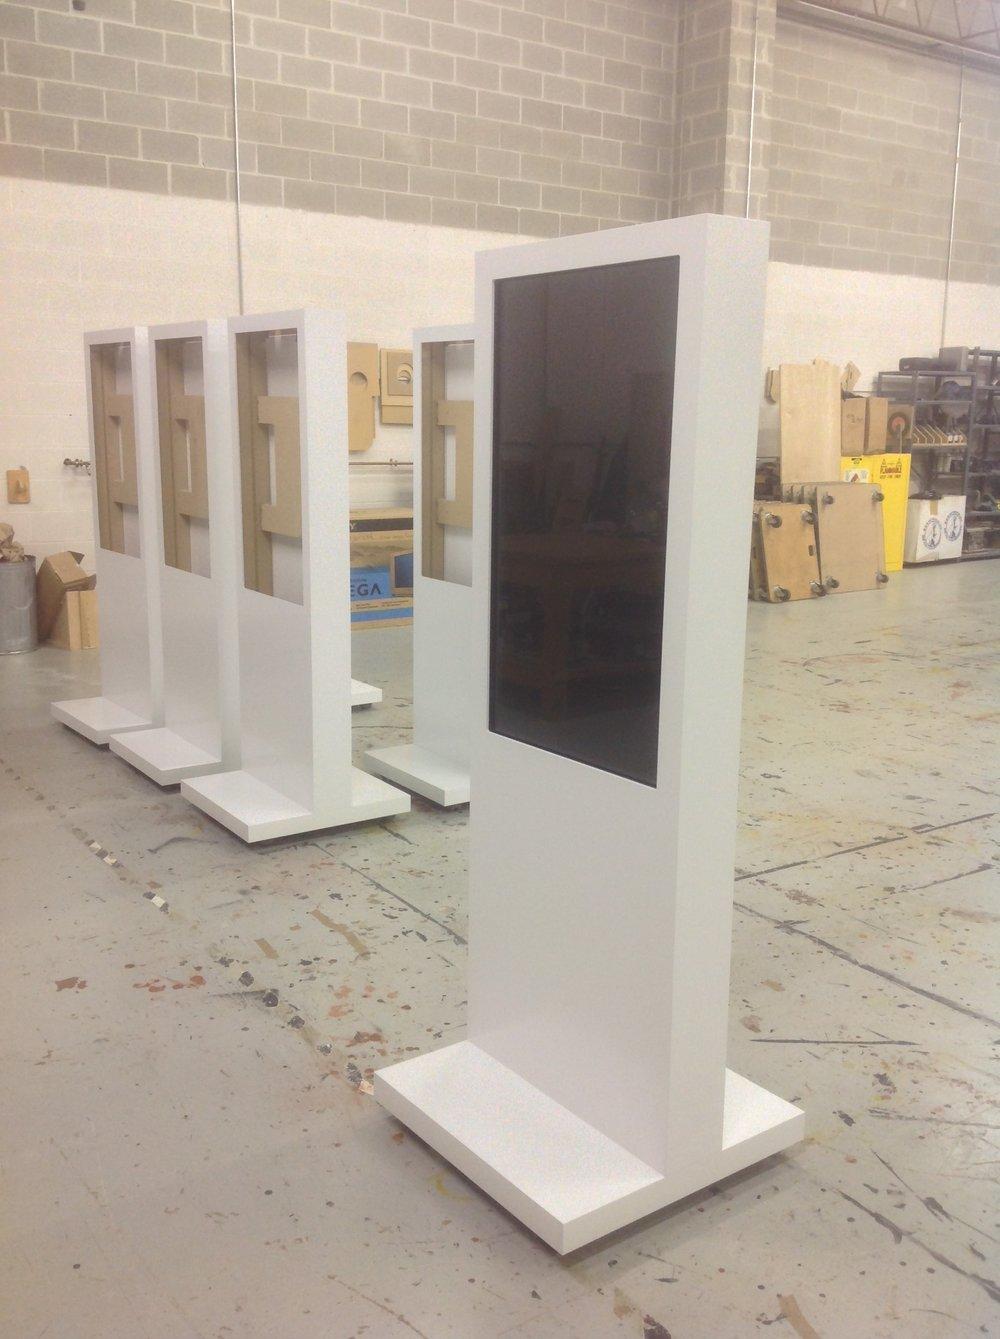 Display kiosk